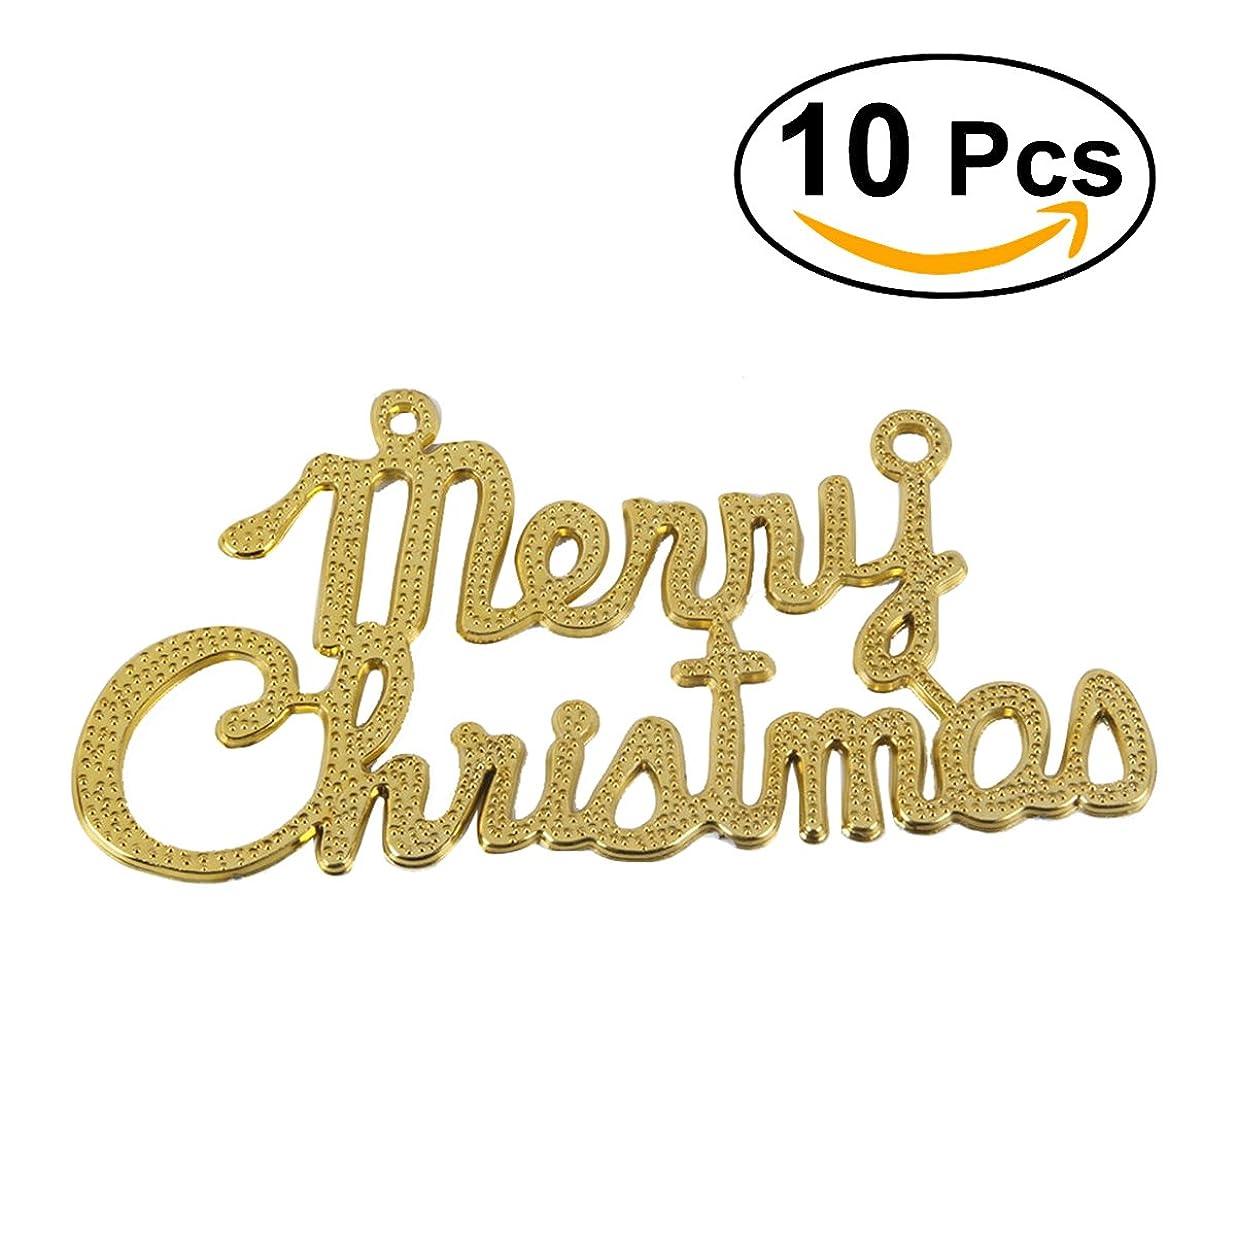 内なるに対応体系的にLUOEM クリスマスツリーの飾り メリークリスマス キラキラ クリスマスオーナメント 店舗/オフィス/玄関 装飾品